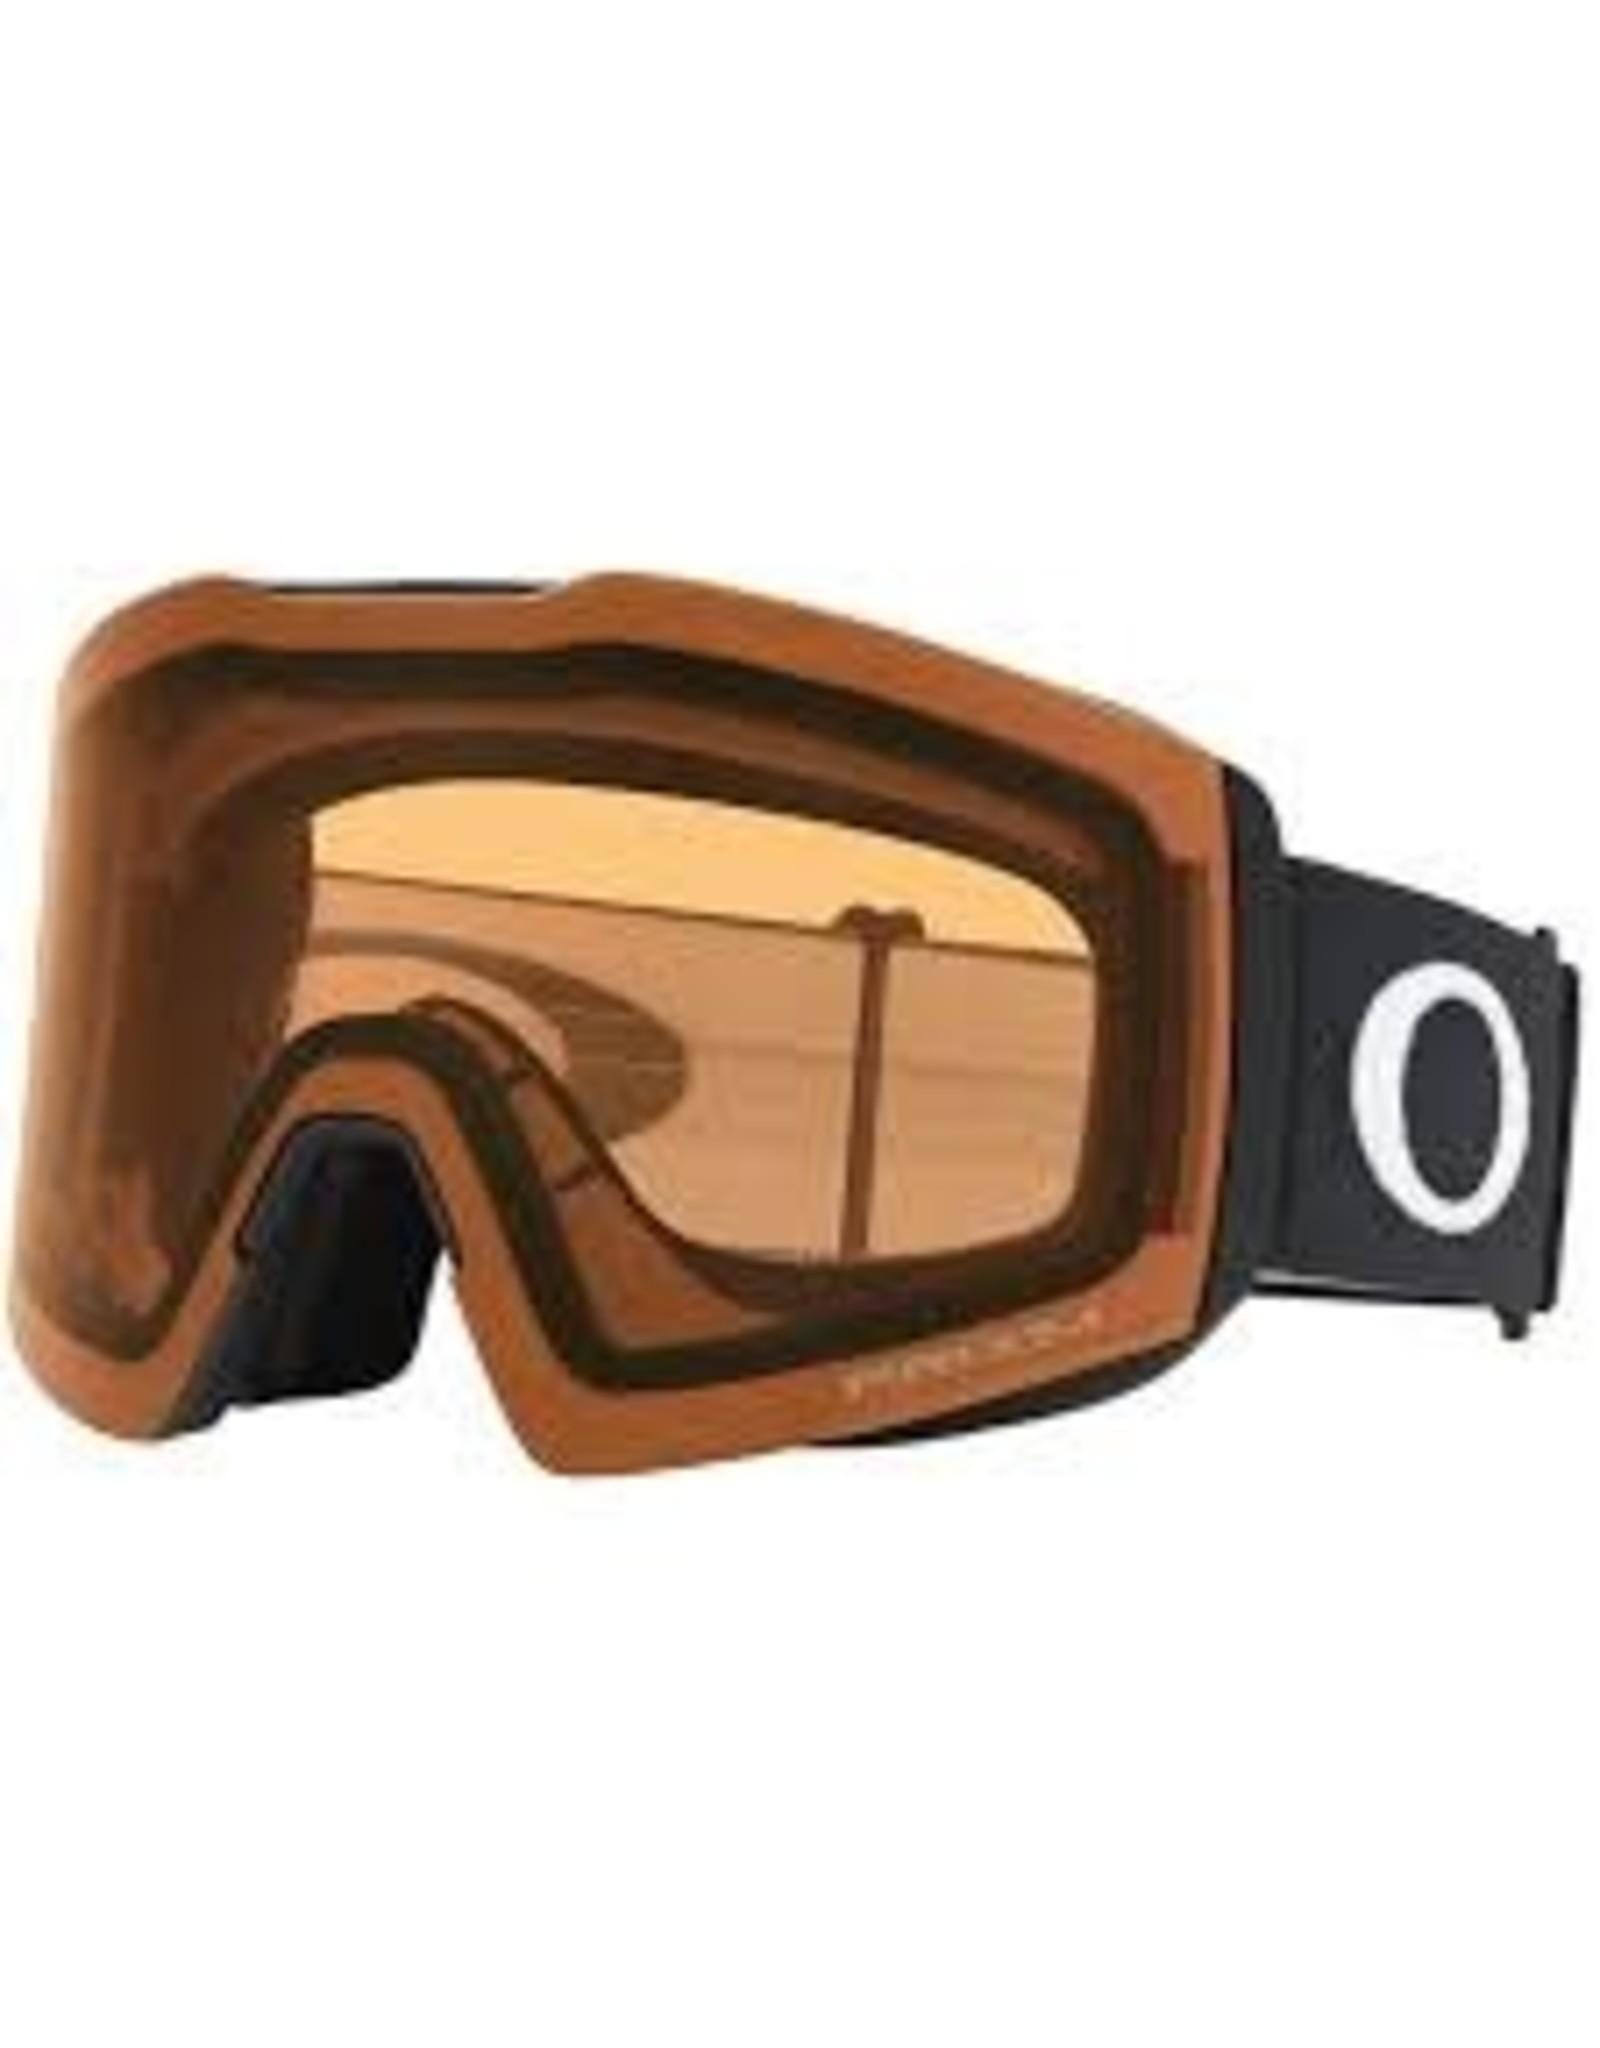 Oakley Oakley - lunette snowboard fall line XL Matte black prizm persimmon GBL